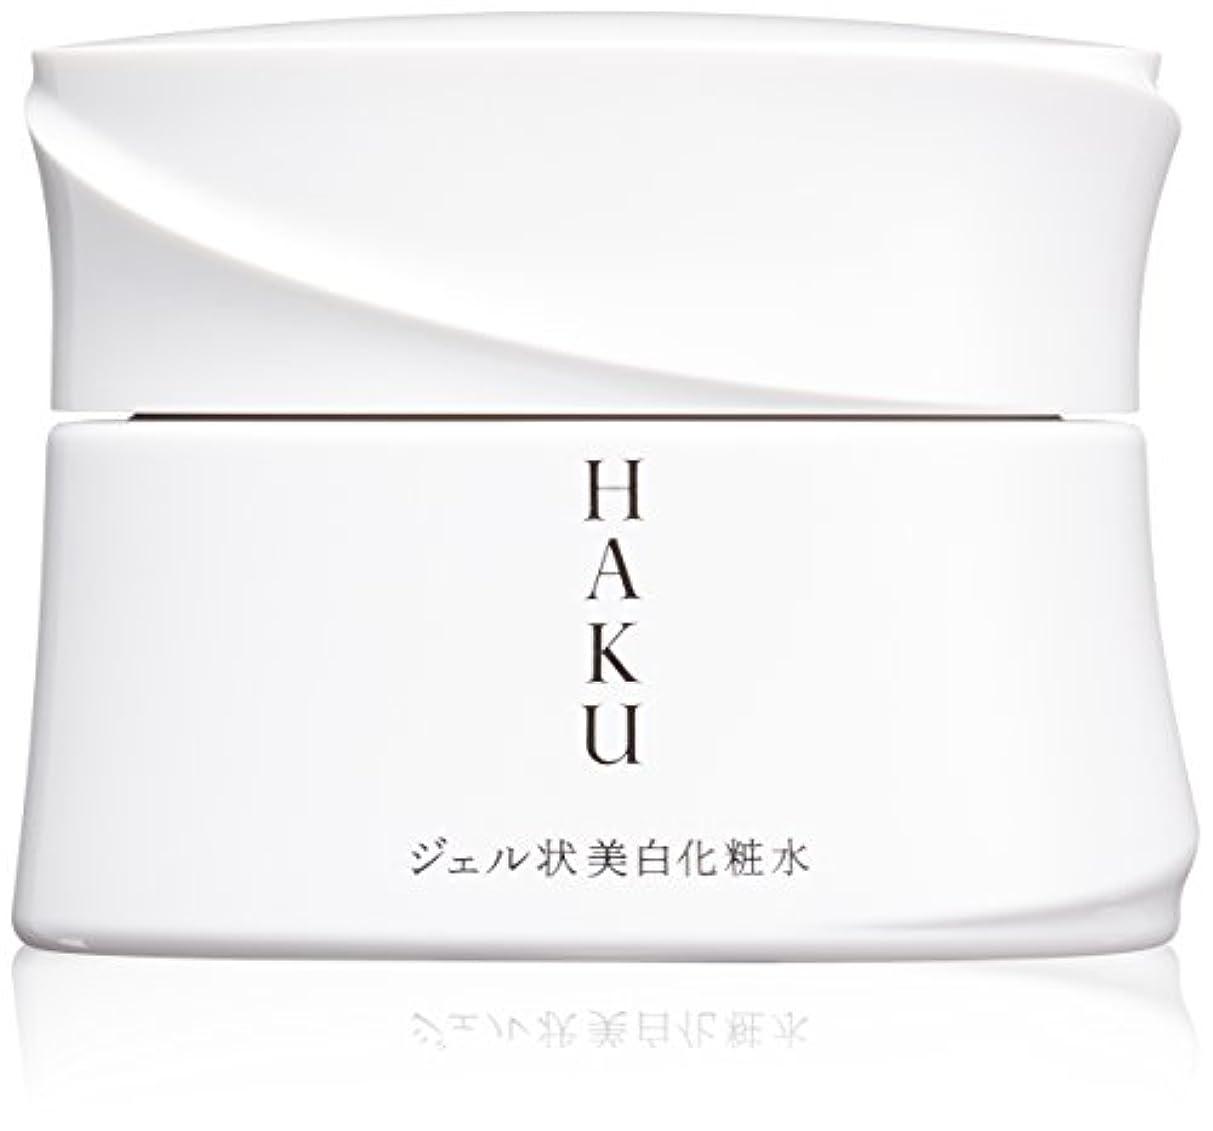 フィードオン休憩彫刻HAKU メラノディープモイスチャー 美白化粧水 100g 【医薬部外品】